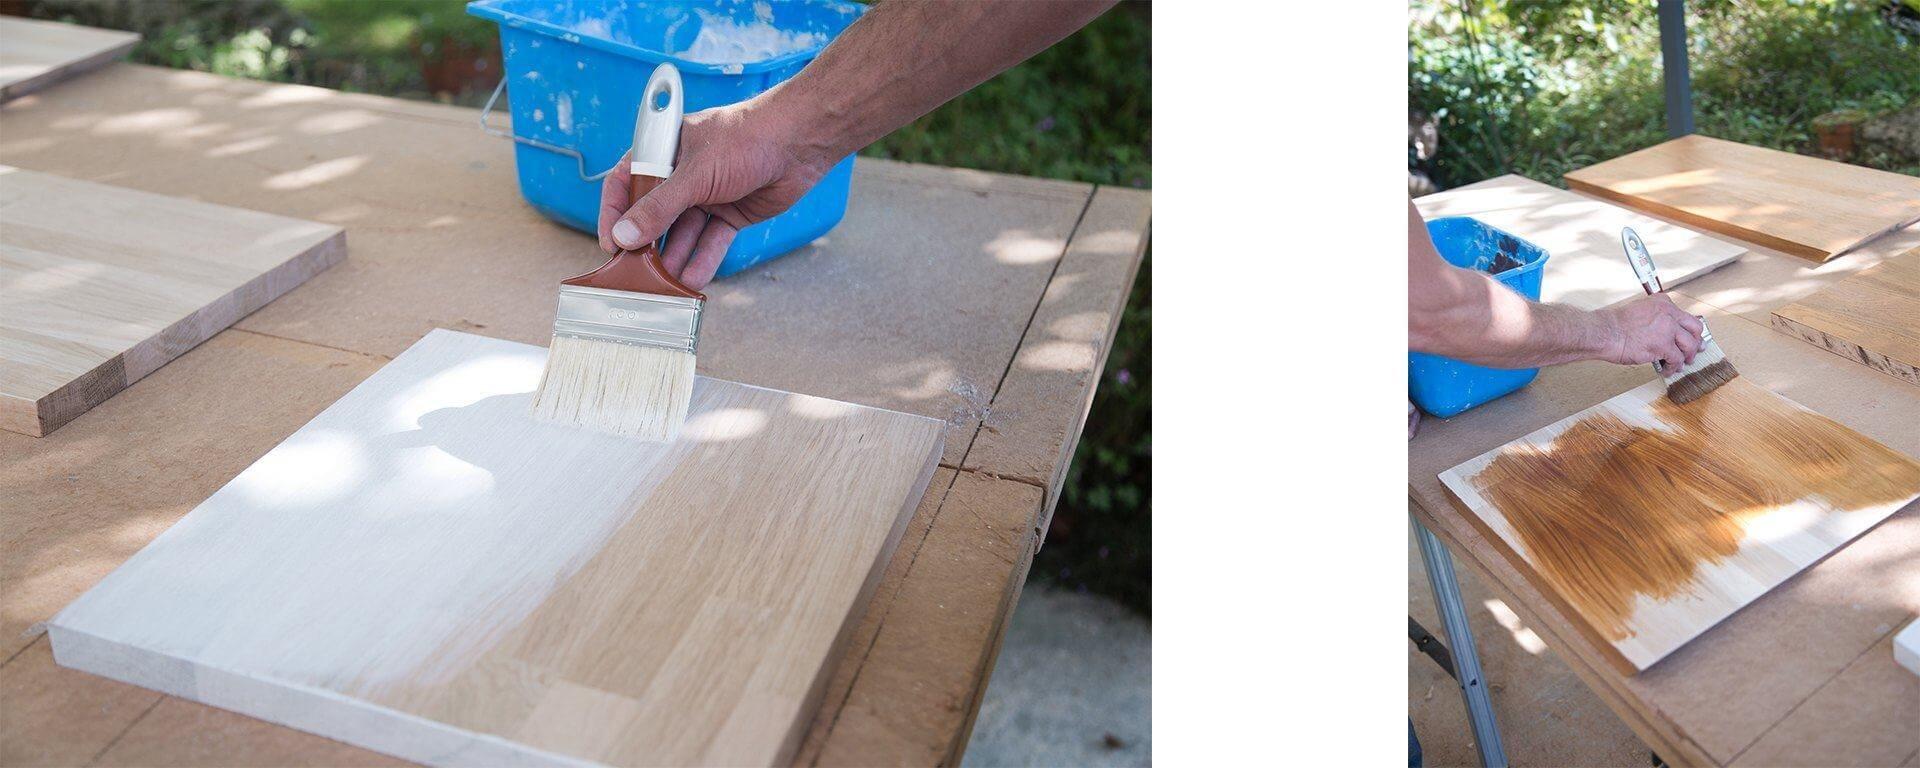 lasure blanche pour meubles best appliquer de la lasure blanche sur une porte et du vernis. Black Bedroom Furniture Sets. Home Design Ideas